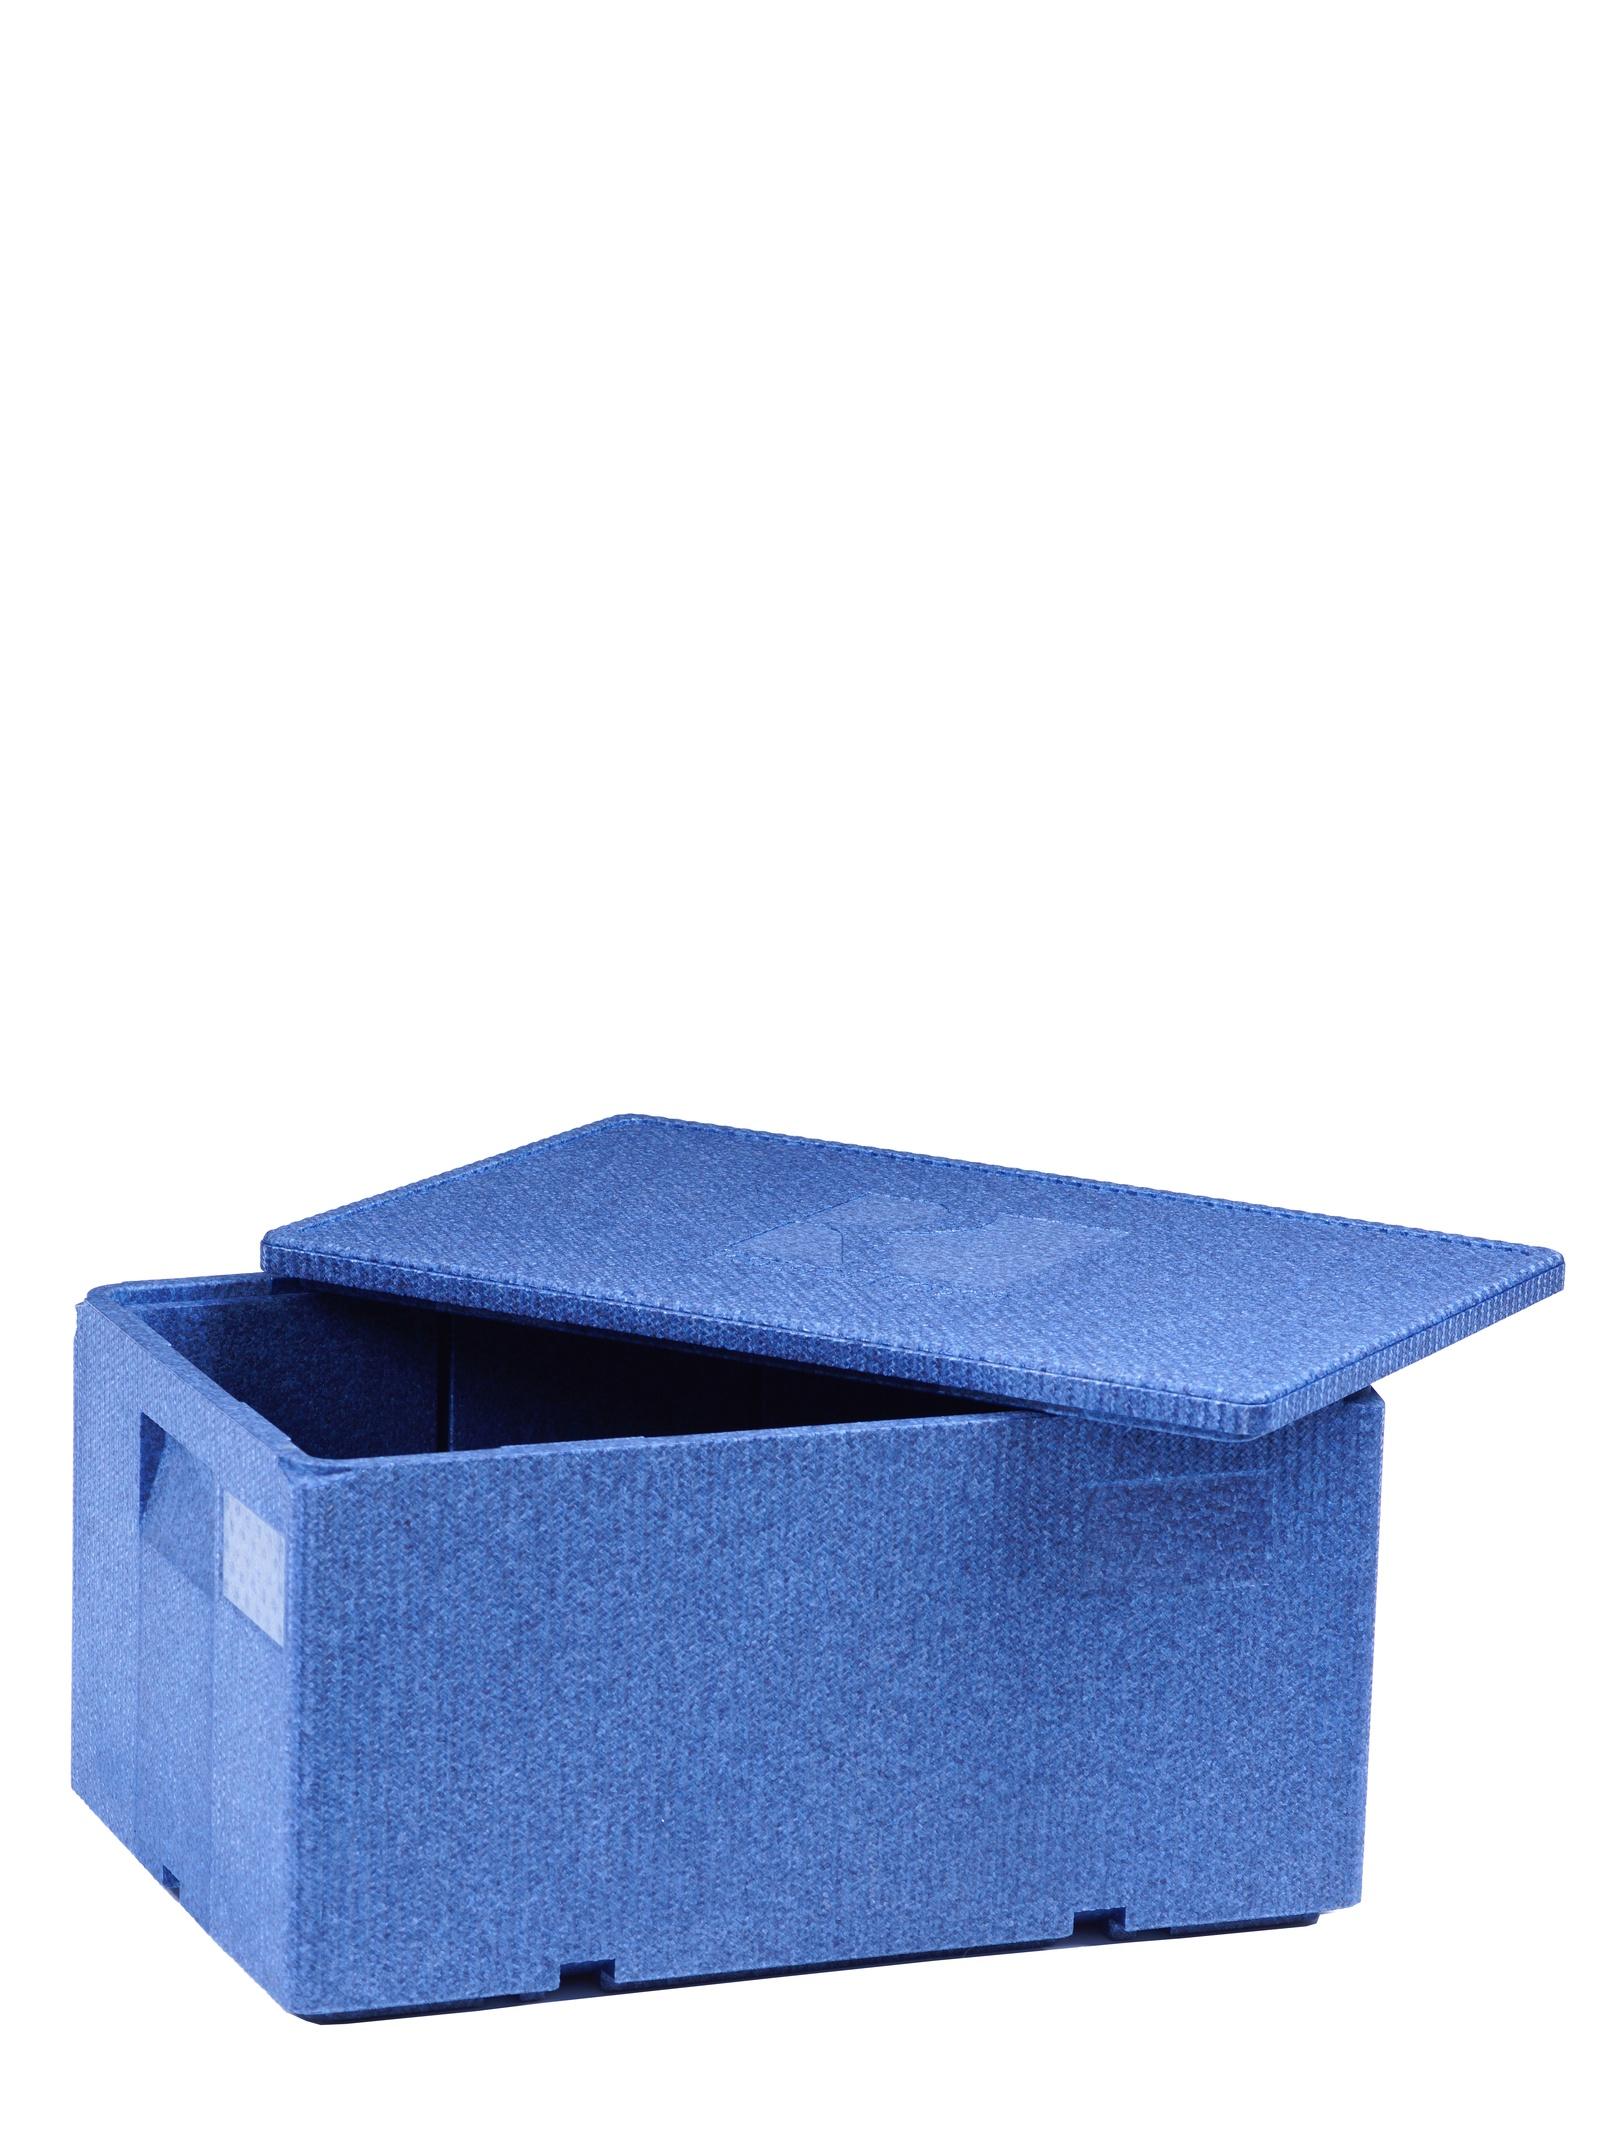 Изотермический контейнер Royal Box Unique синий, 42л